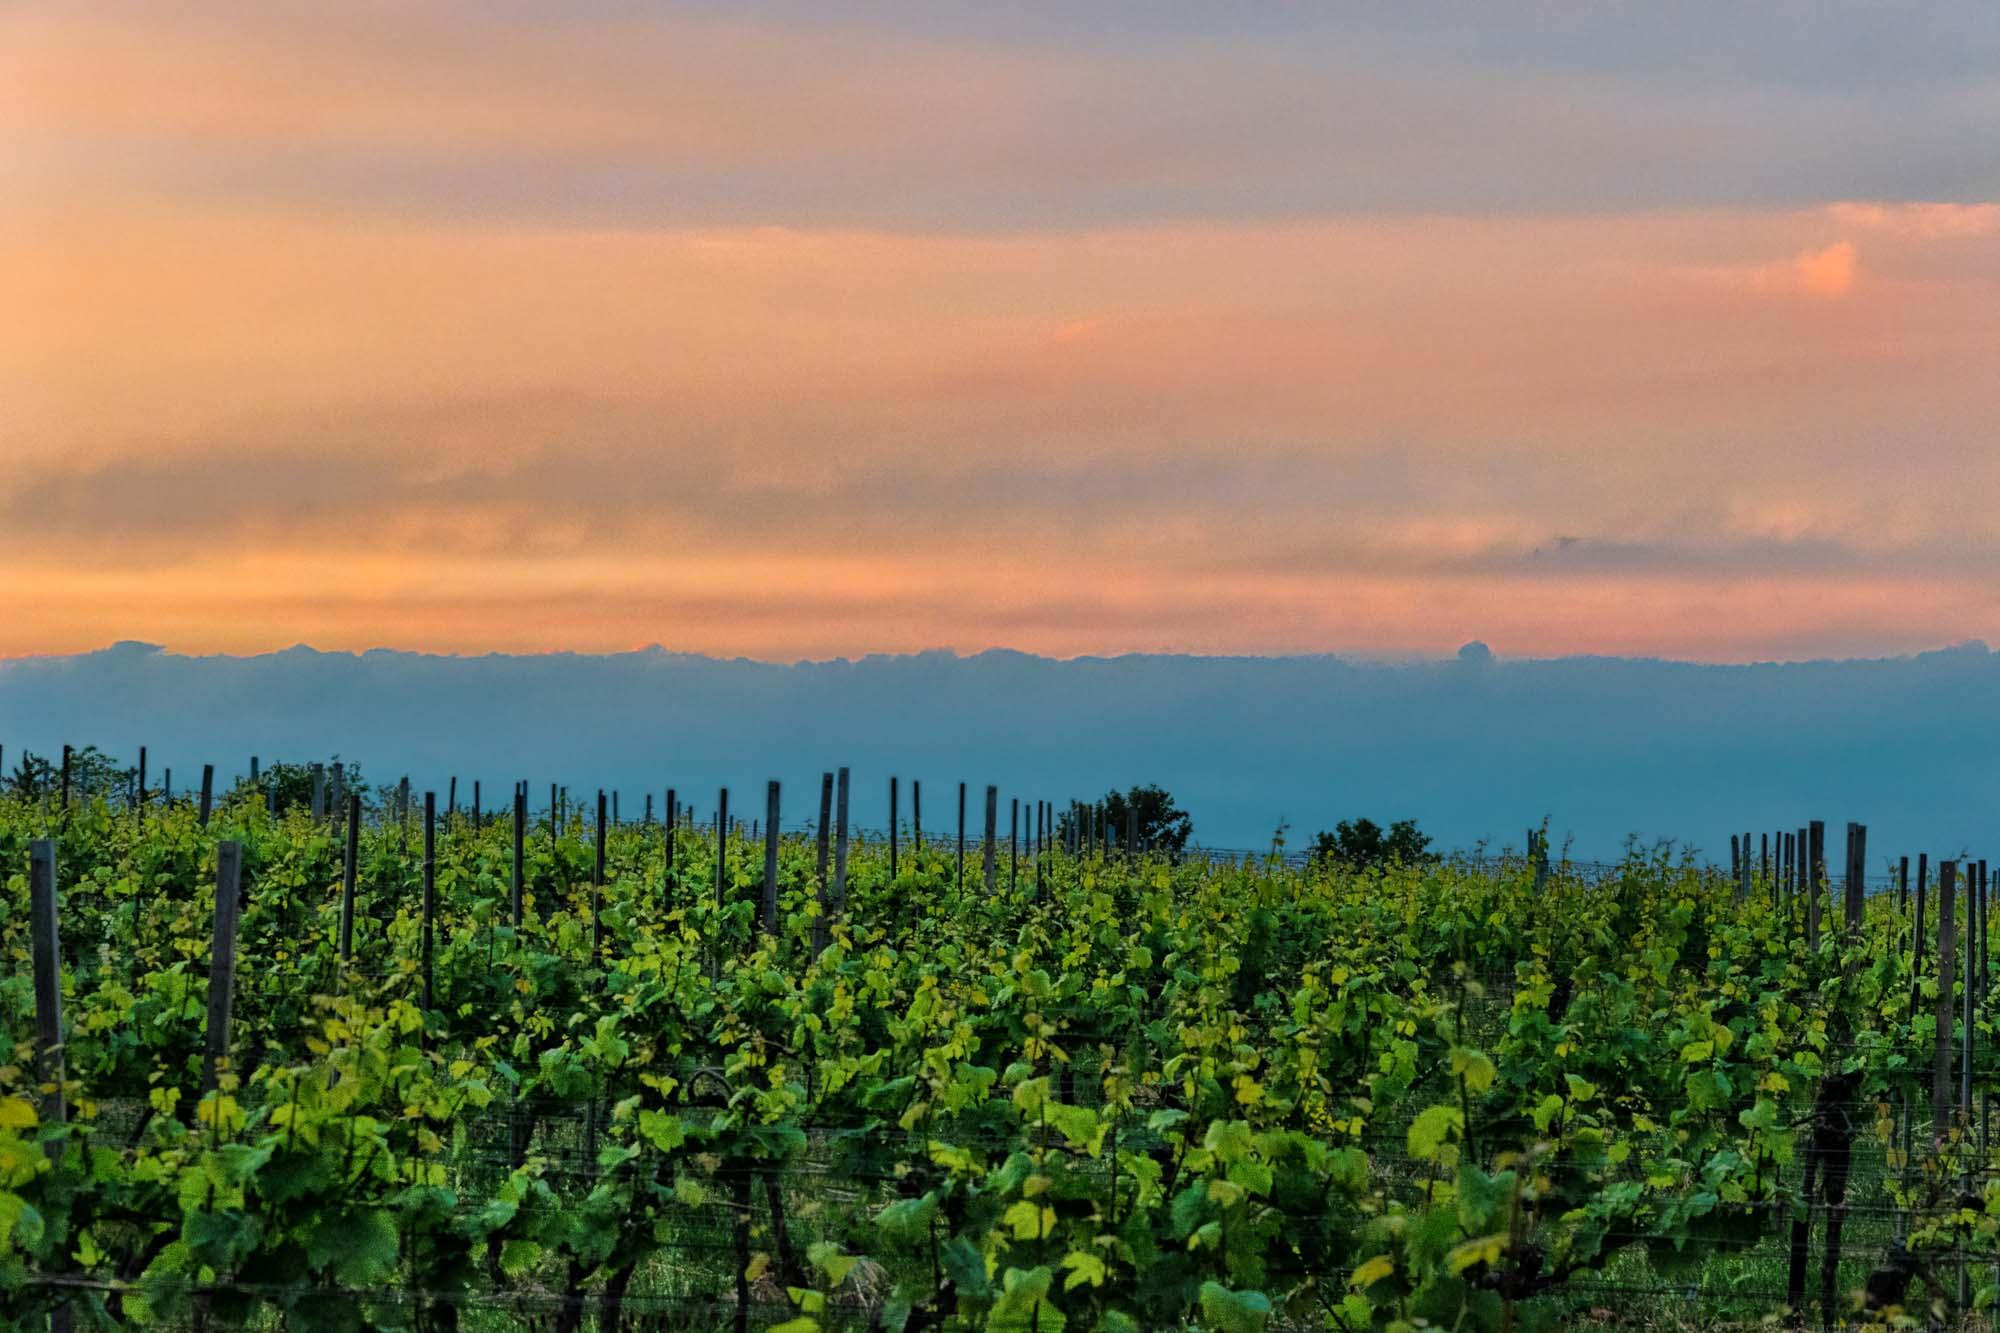 Sonnenuntergang am Weinberg Forster Ungeheuer an der deutschen Weinstraße. Dort wachsen viele verschiedene Rebsorten.